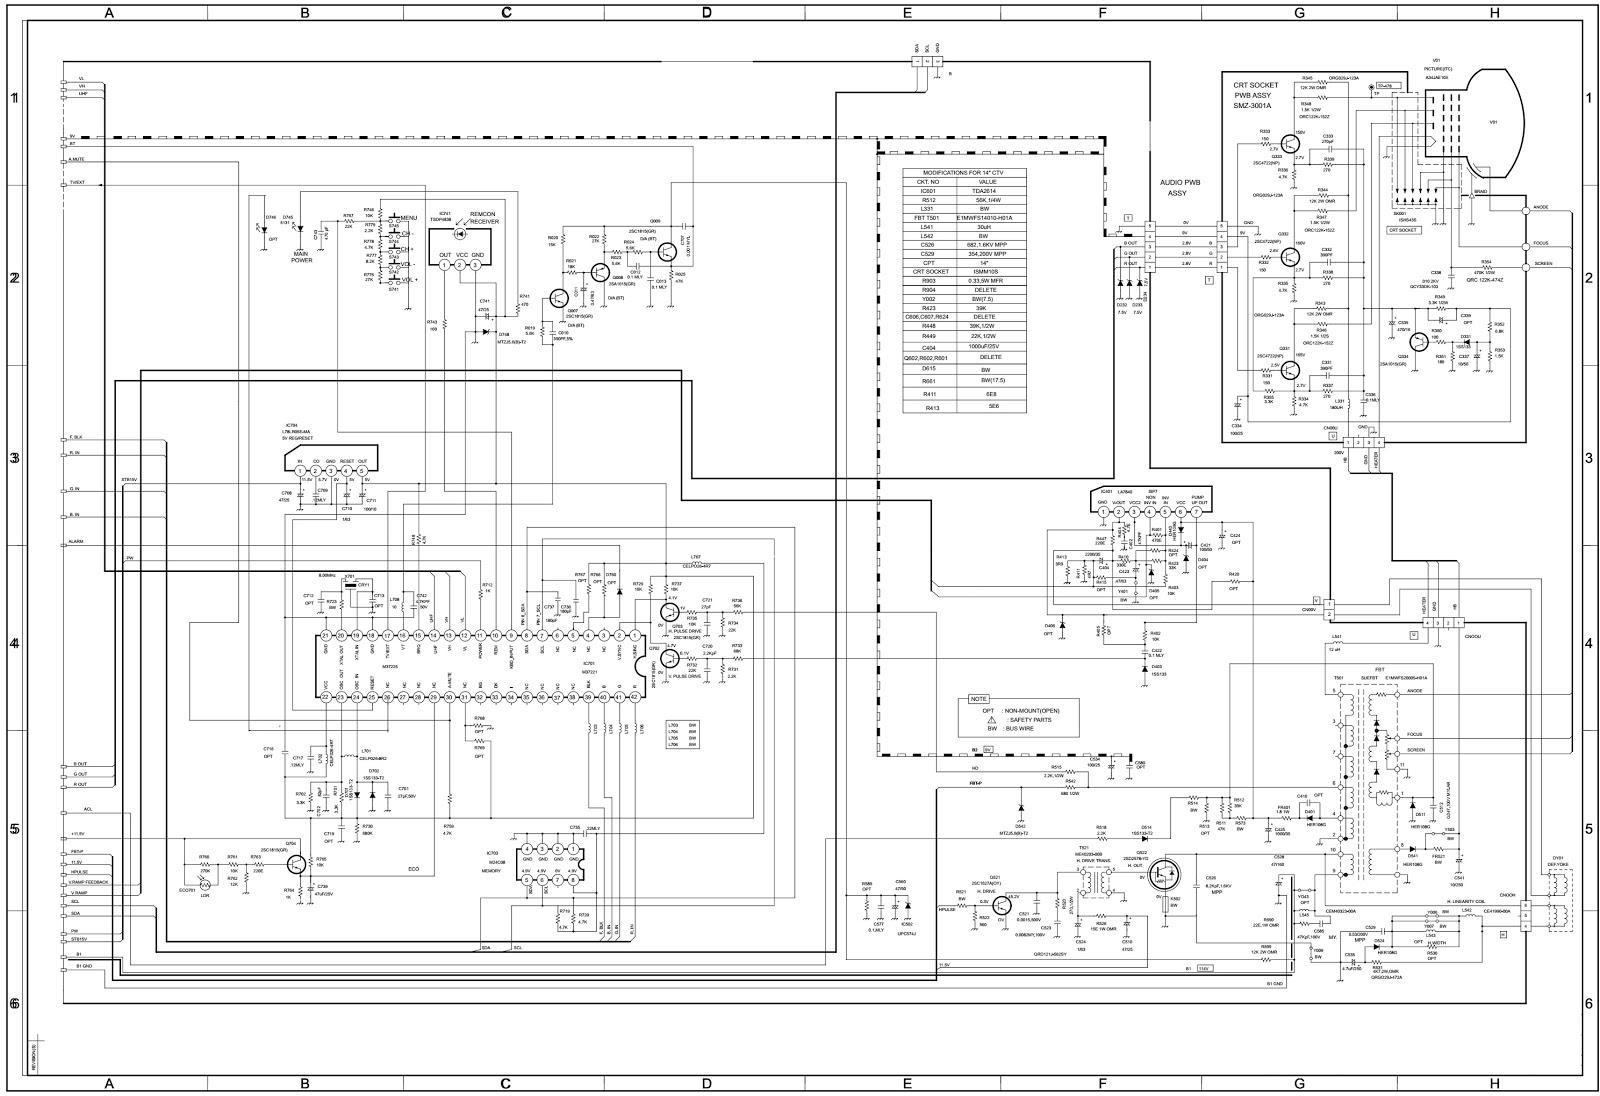 b w tv circuit diagram wiring diagram repair guides b w tv circuit diagram [ 1600 x 1096 Pixel ]